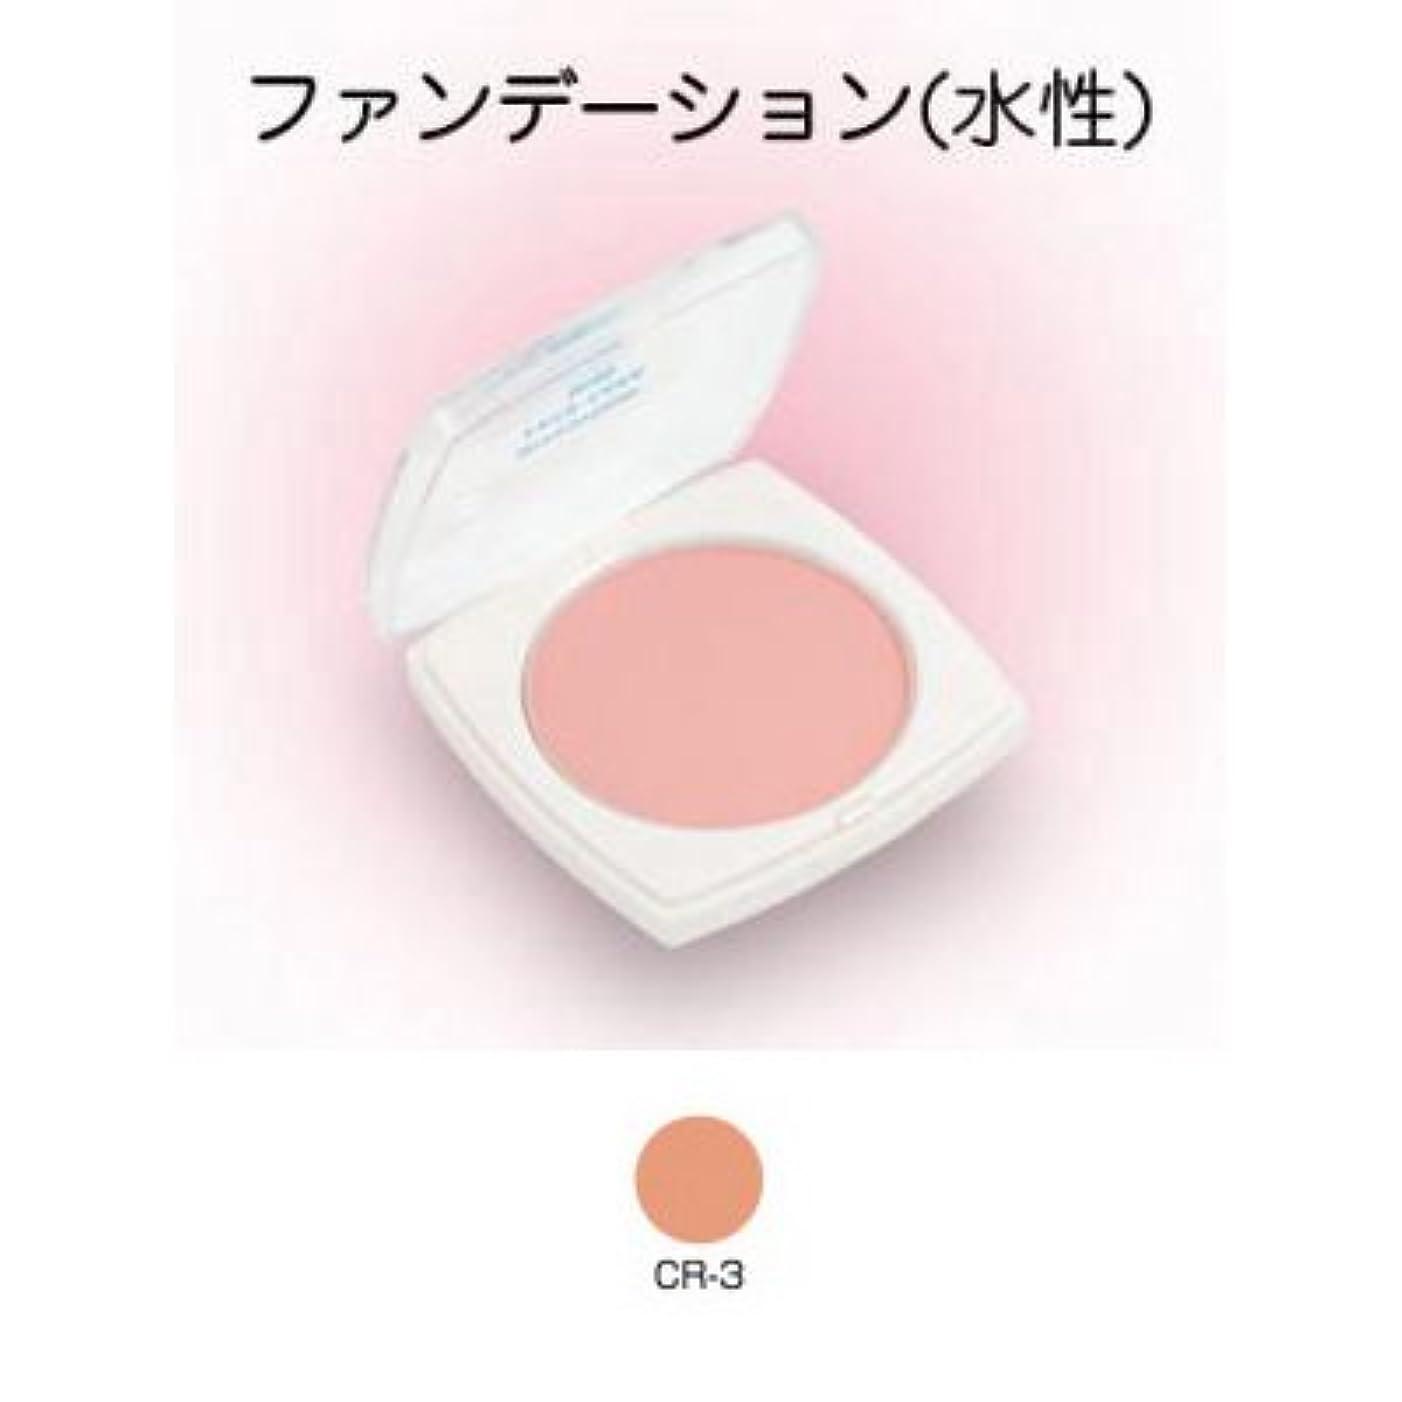 モーター合わせてオリエンテーションフェースケーキ ミニ 17g CR-3 【三善】